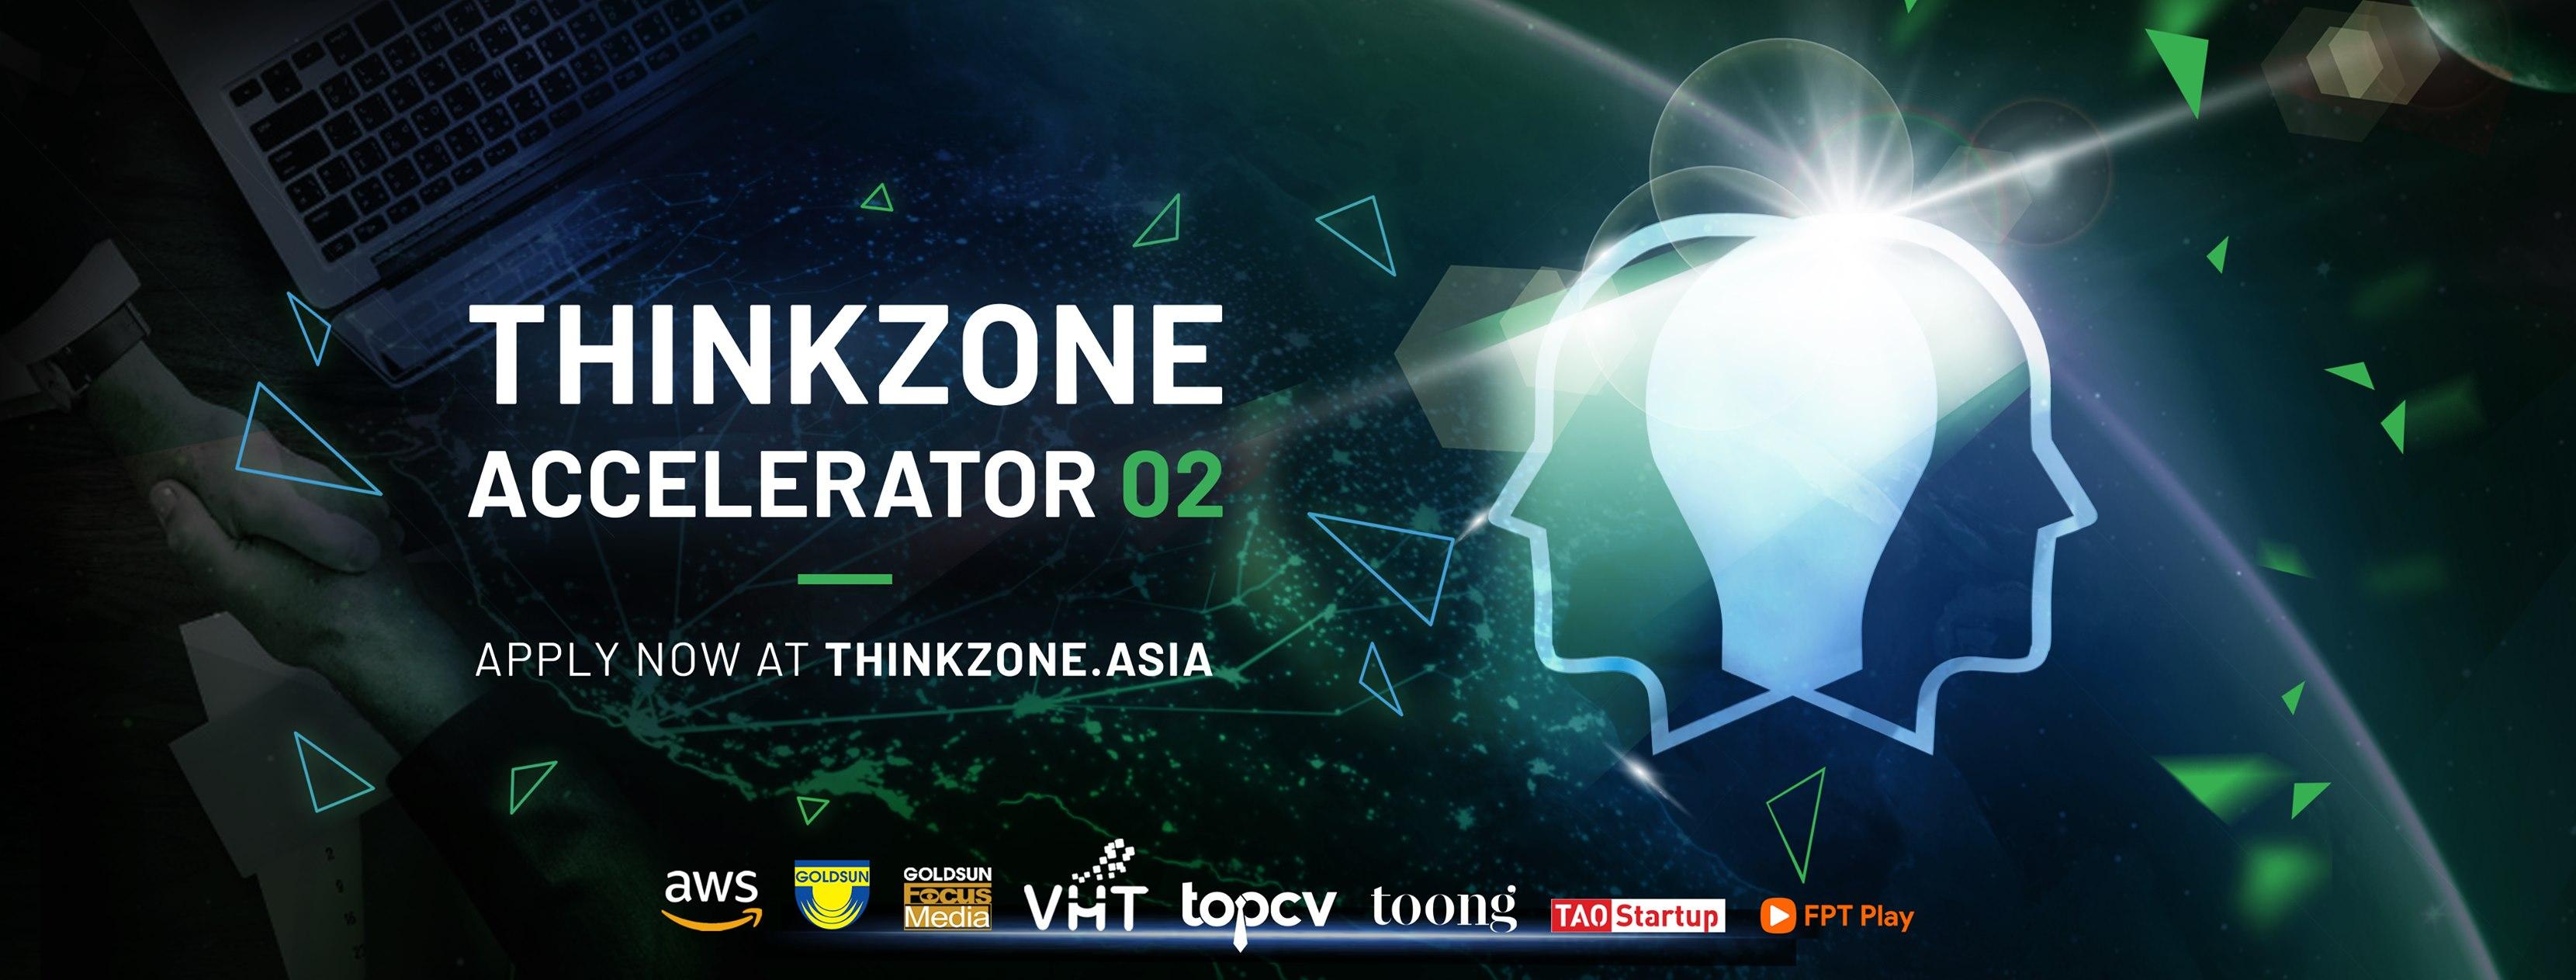 Tiết kiệm hơn 700 TRIỆU ĐỒNG chi phí với các gói hỗ trợ từ ThinkZone Accelerator Batch 02